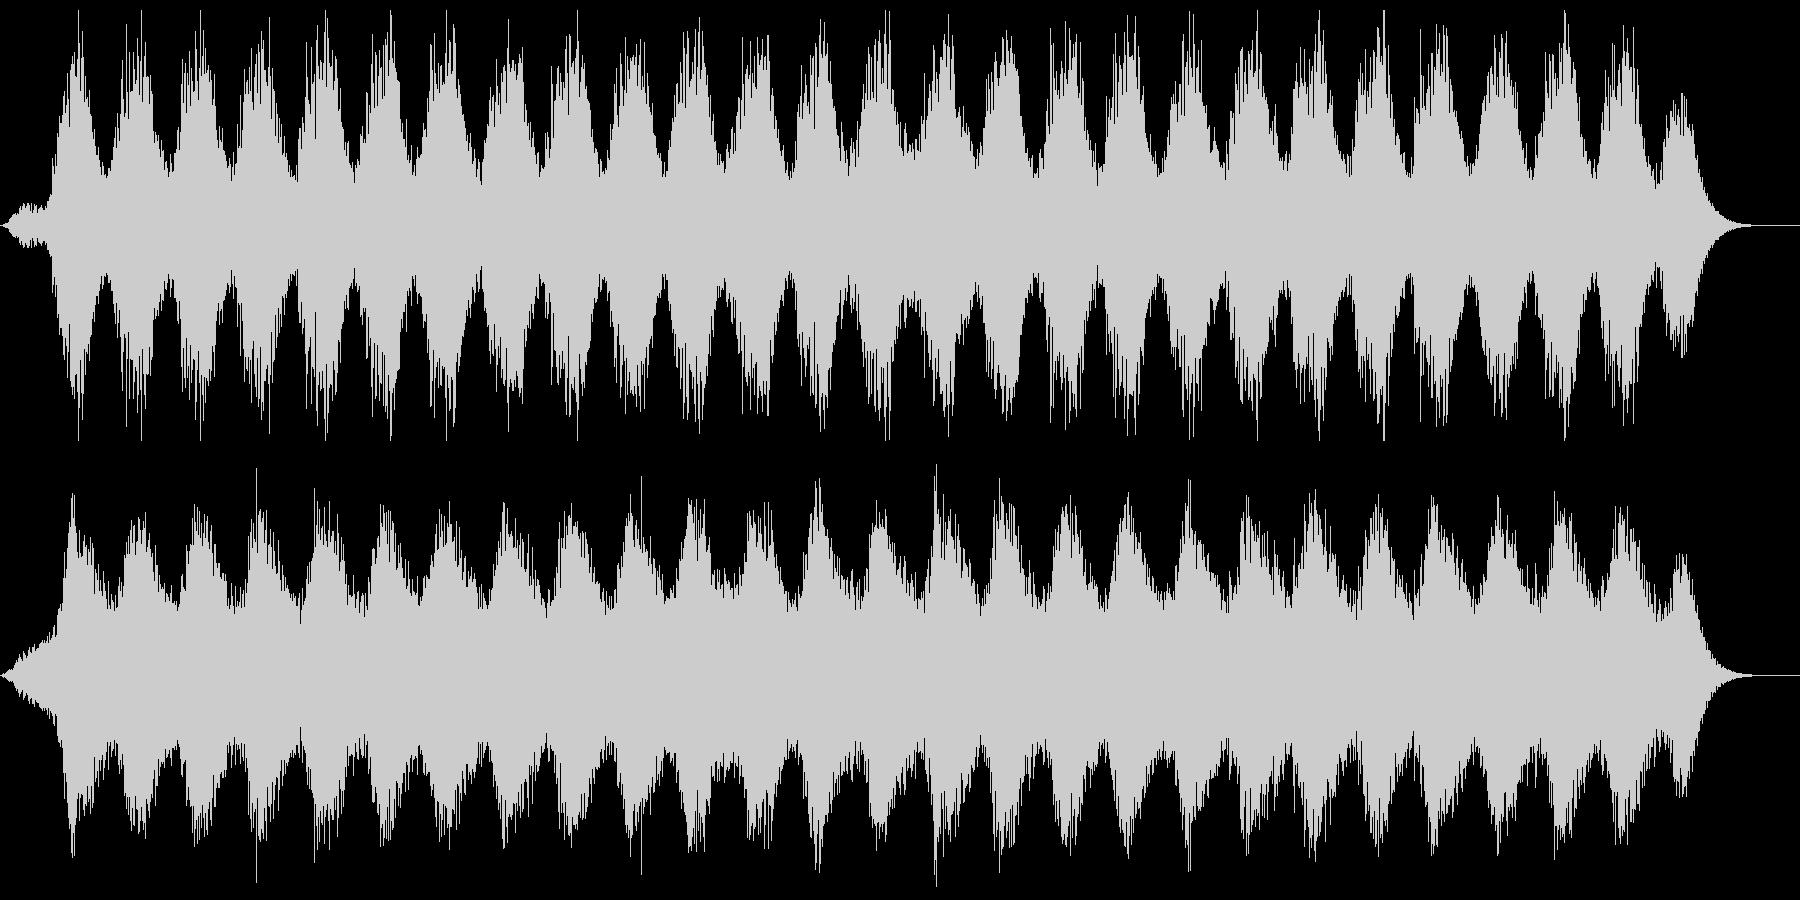 瞑想やリラックスに最適なヒーリング音楽の未再生の波形